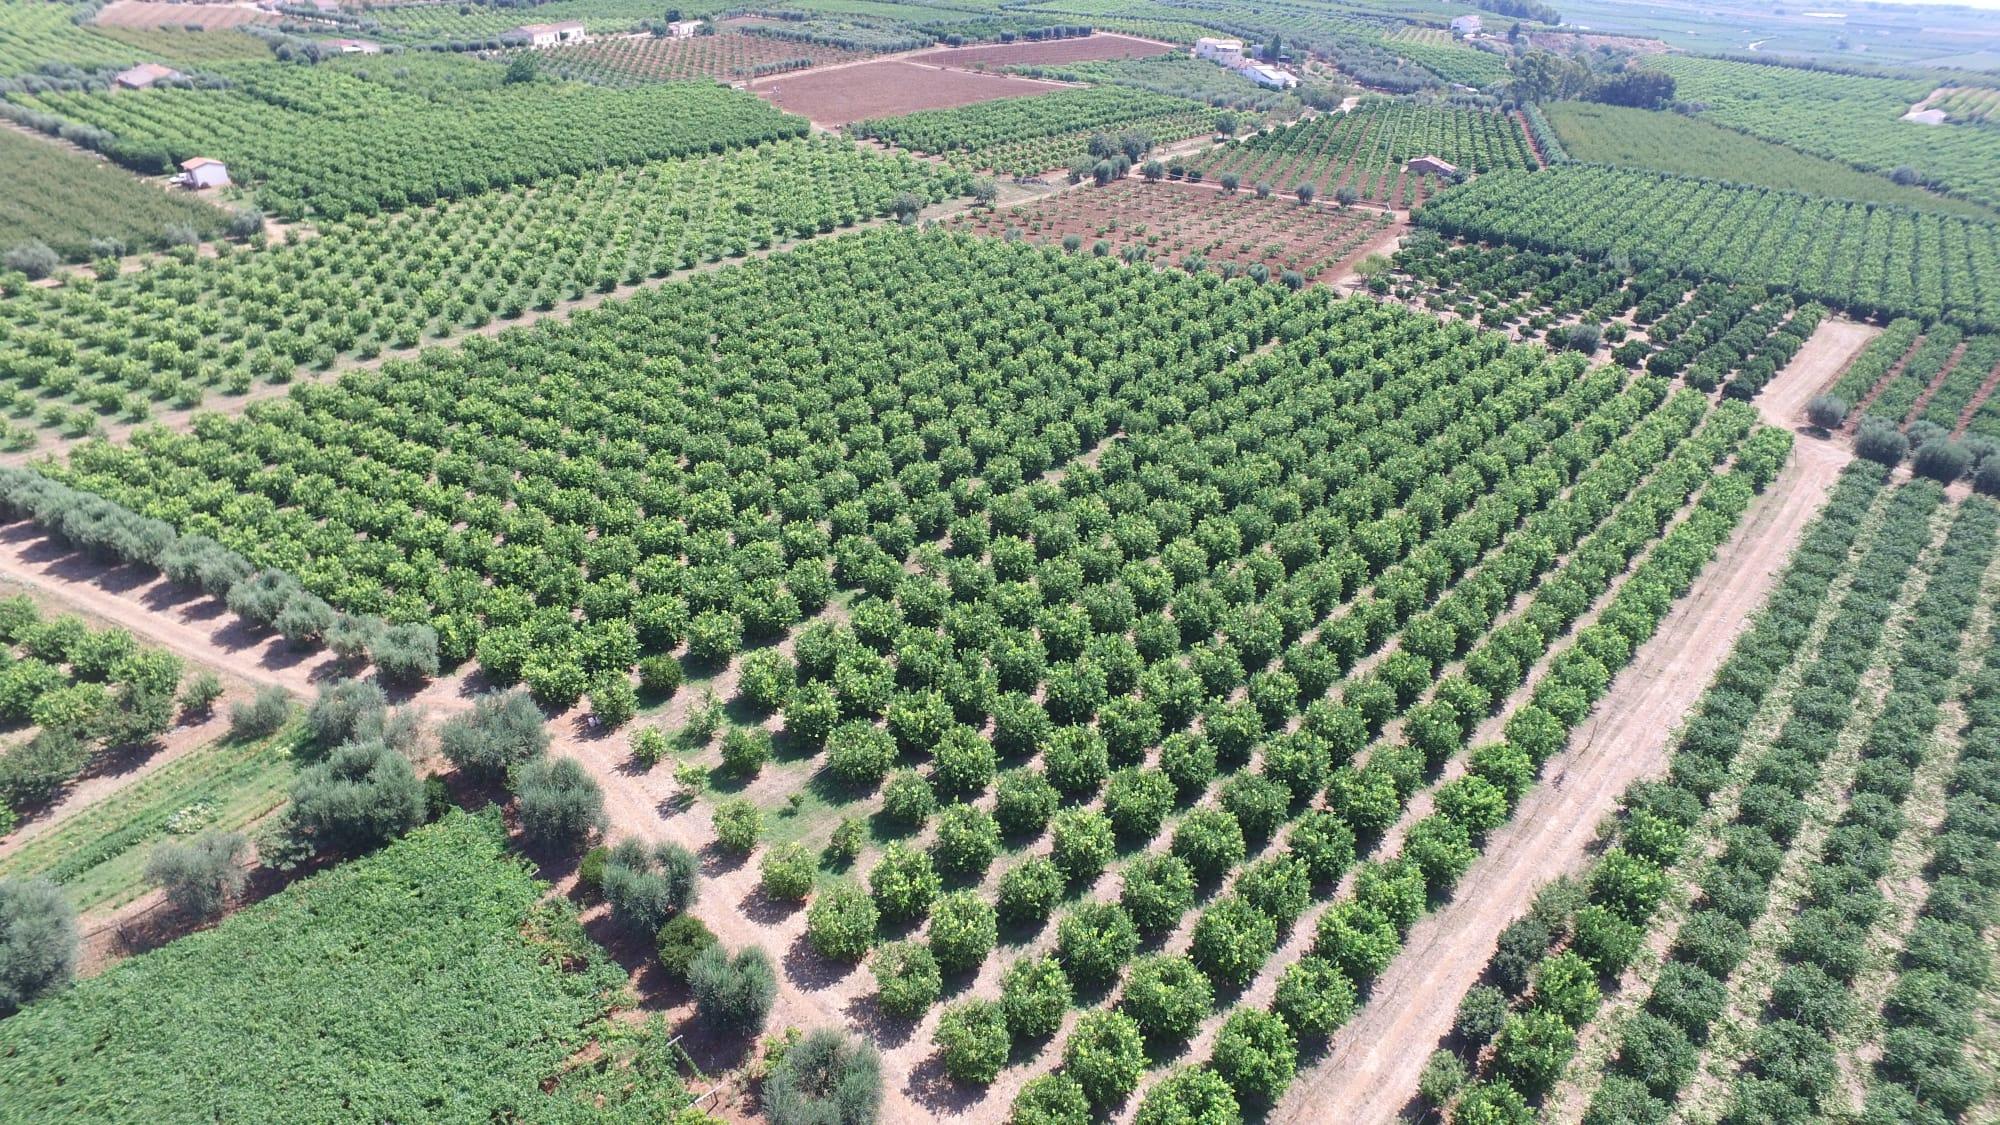 Azienda Agricola di Latronico Caterina